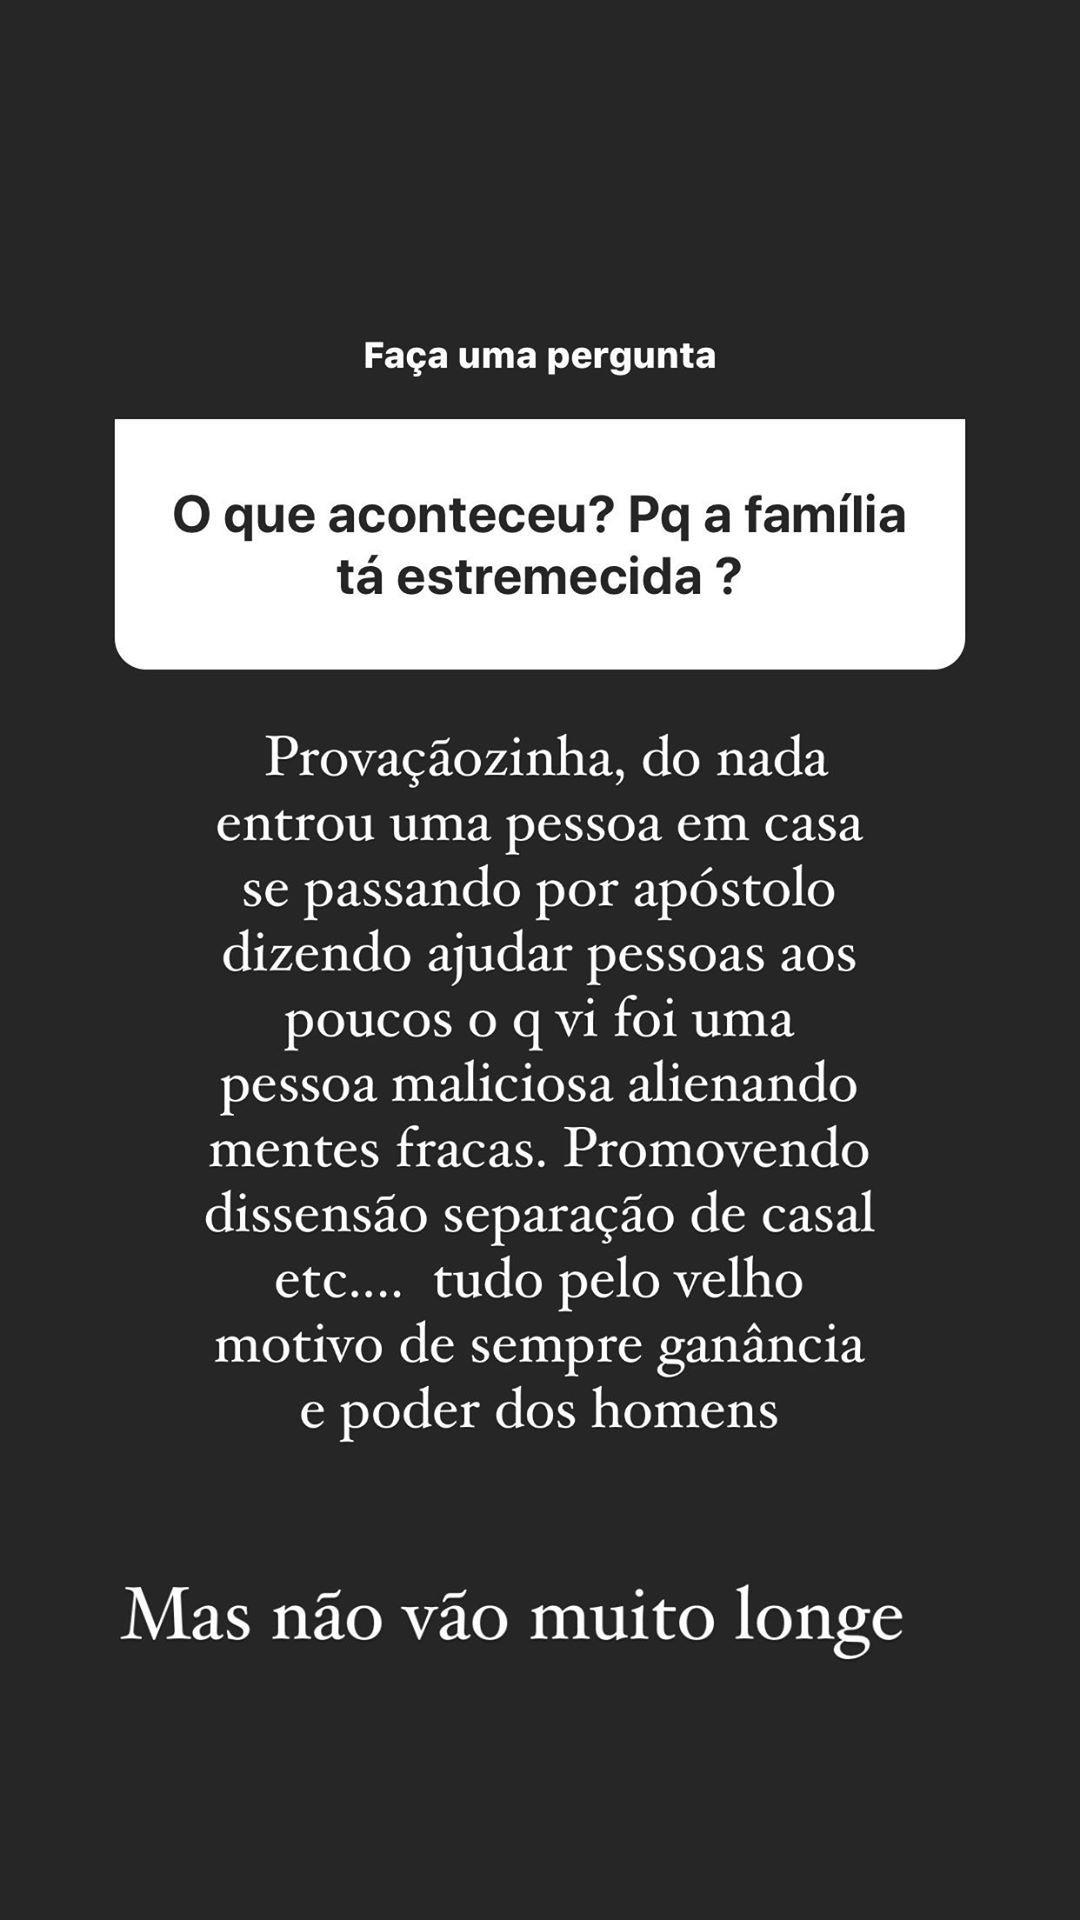 """Pastor Pôncio dá detalhes da briga com a família: """"Fui expulso"""" - Imagem 1"""